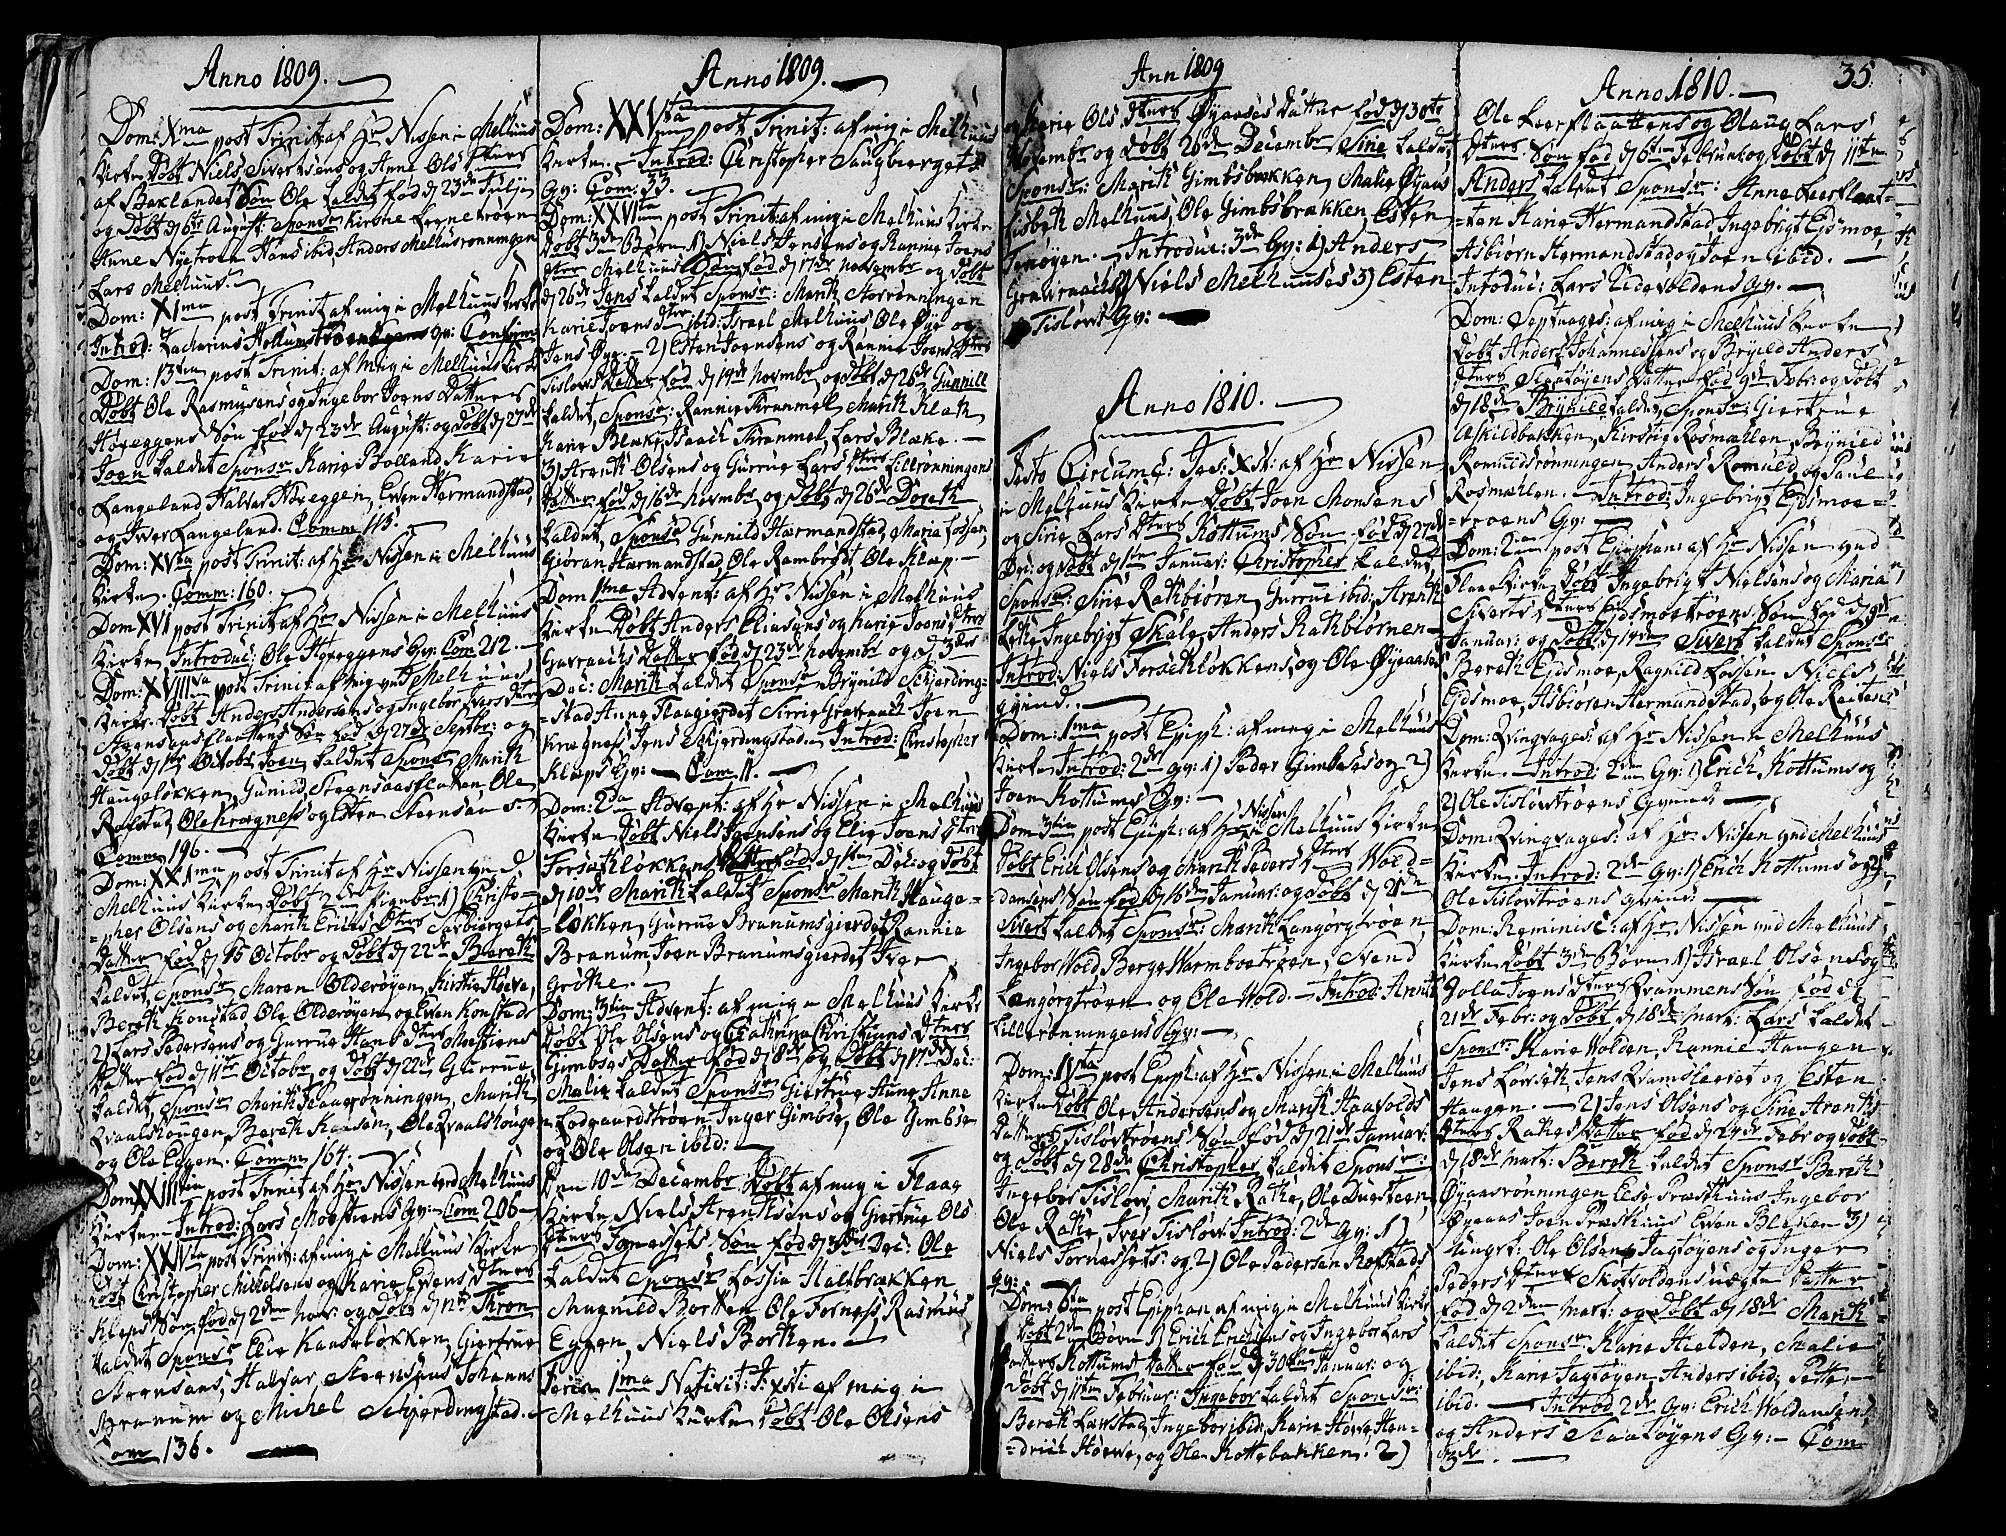 SAT, Ministerialprotokoller, klokkerbøker og fødselsregistre - Sør-Trøndelag, 691/L1061: Ministerialbok nr. 691A02 /1, 1768-1815, s. 35